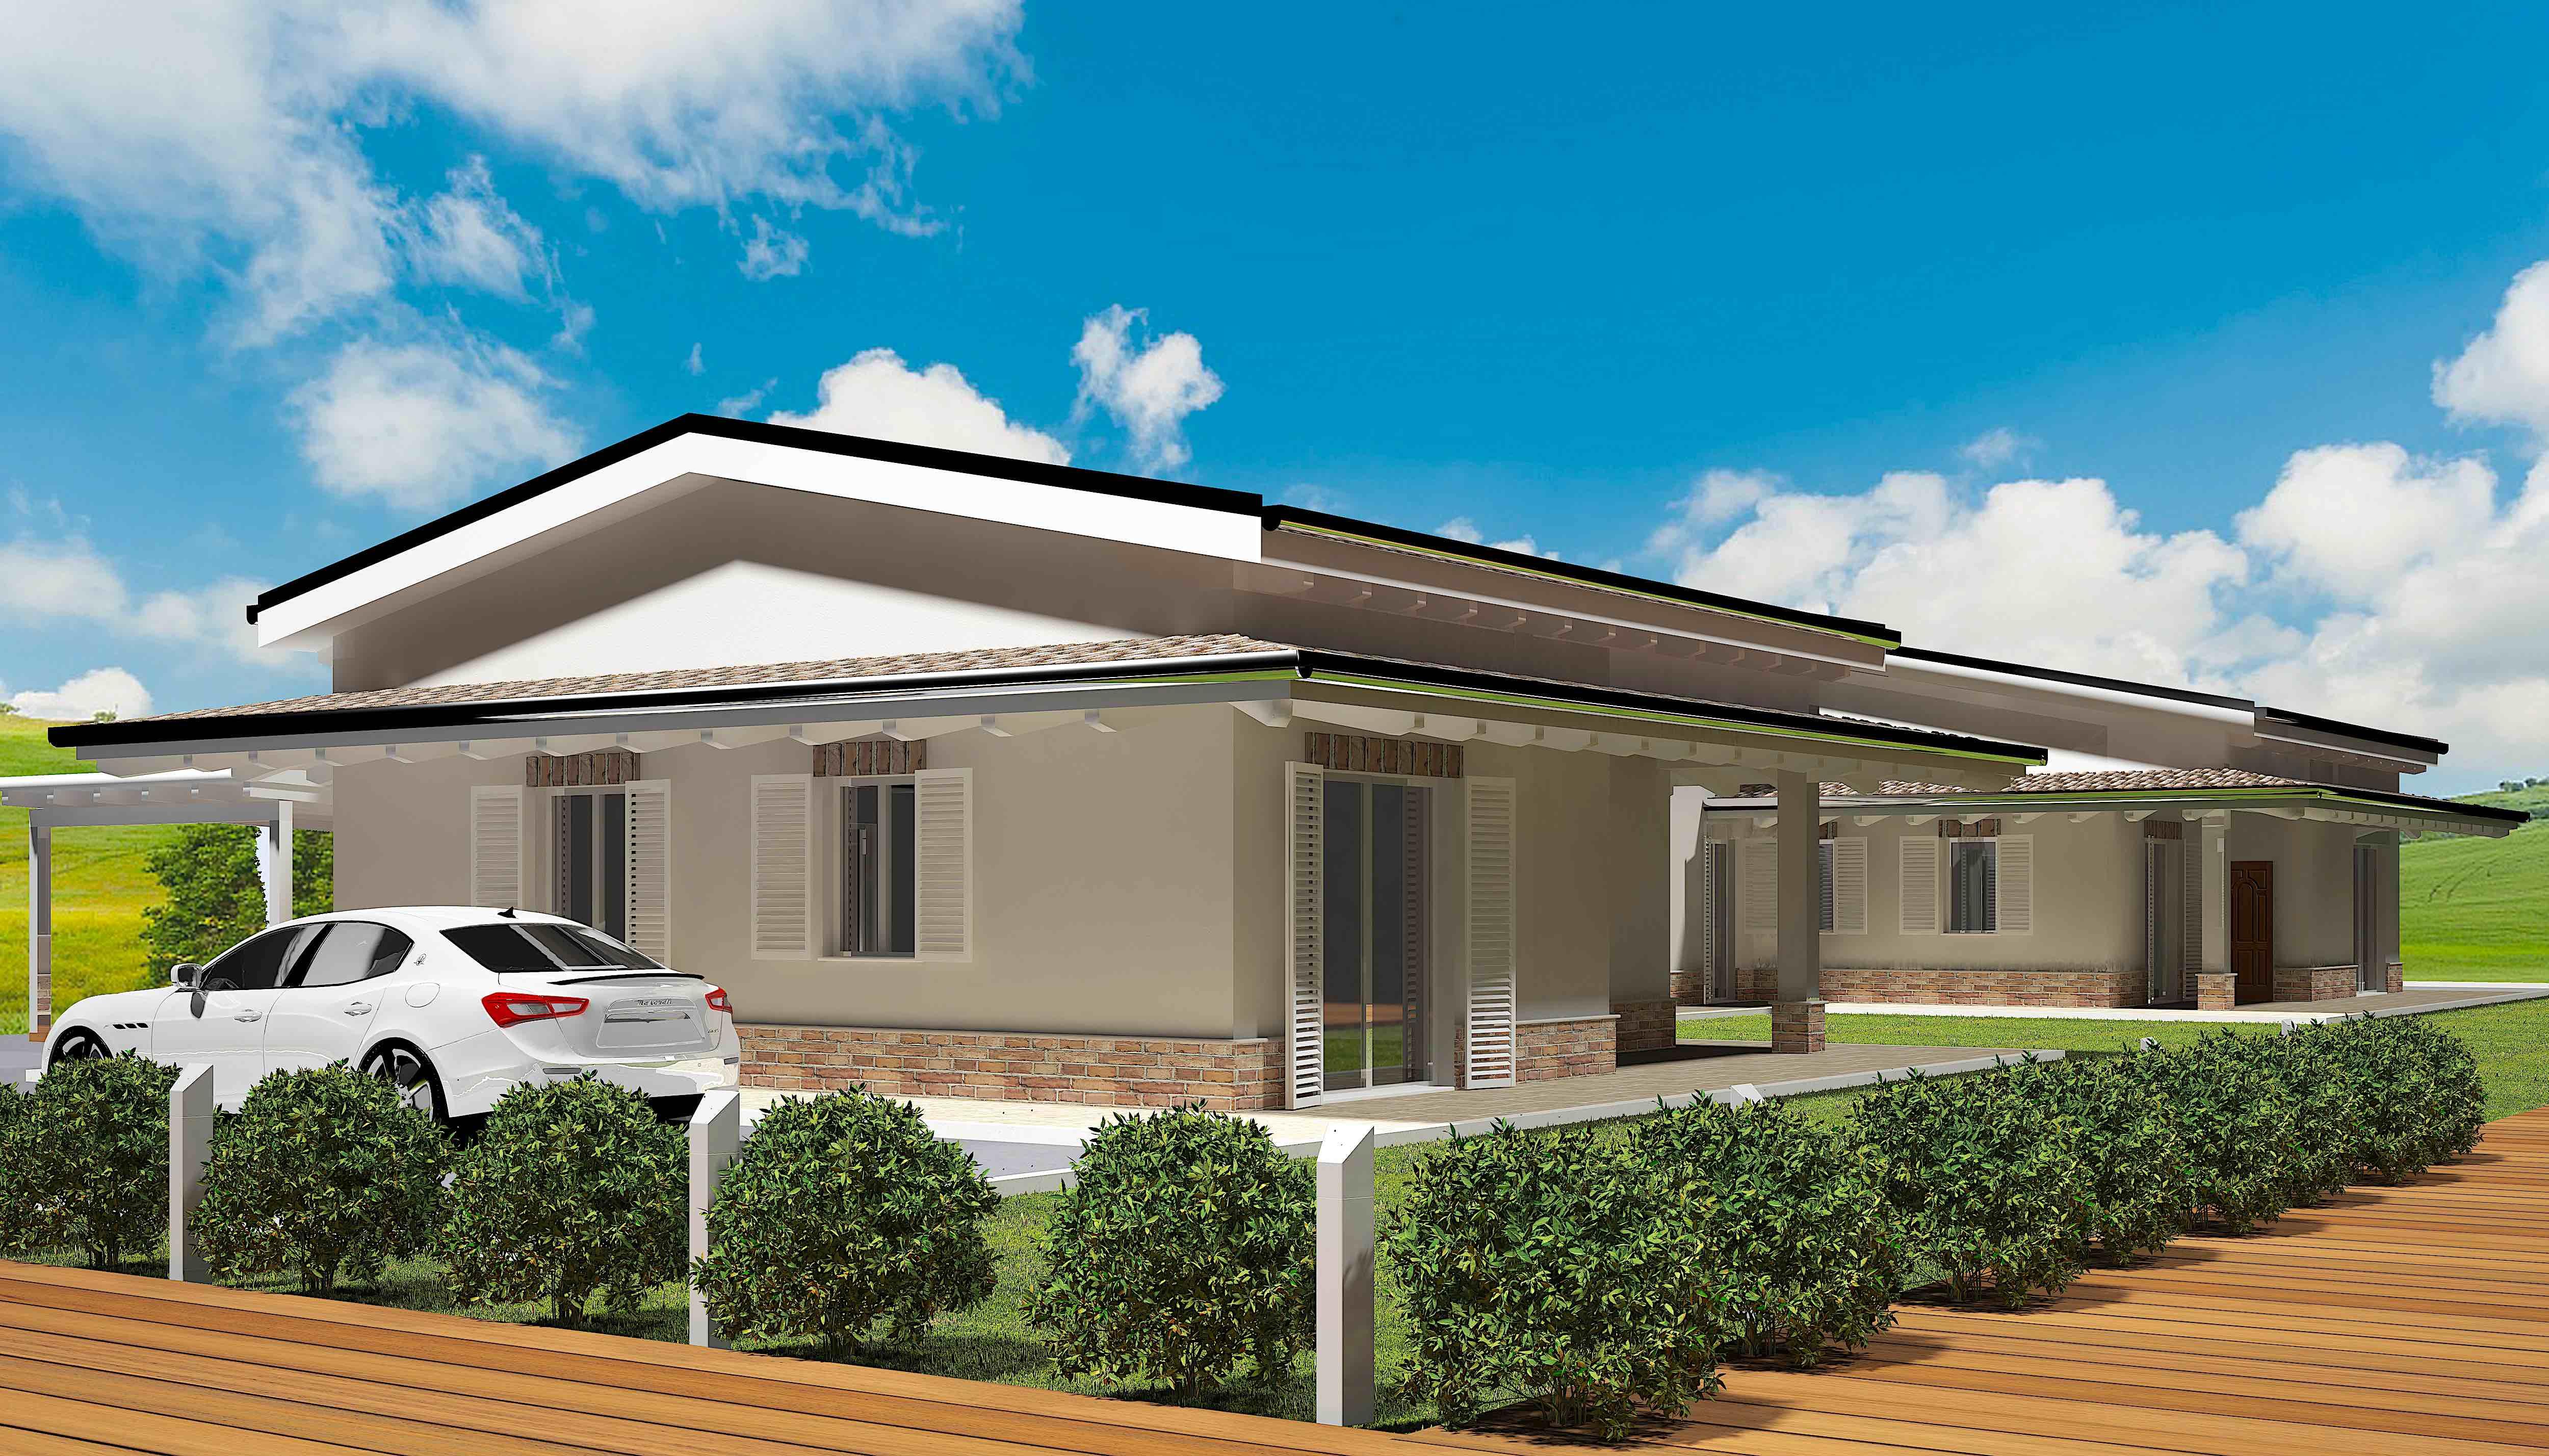 Casa Prefabbricata Prezzo : Case in legno prefabbricata prezzo chiavi in mano da u ac mq